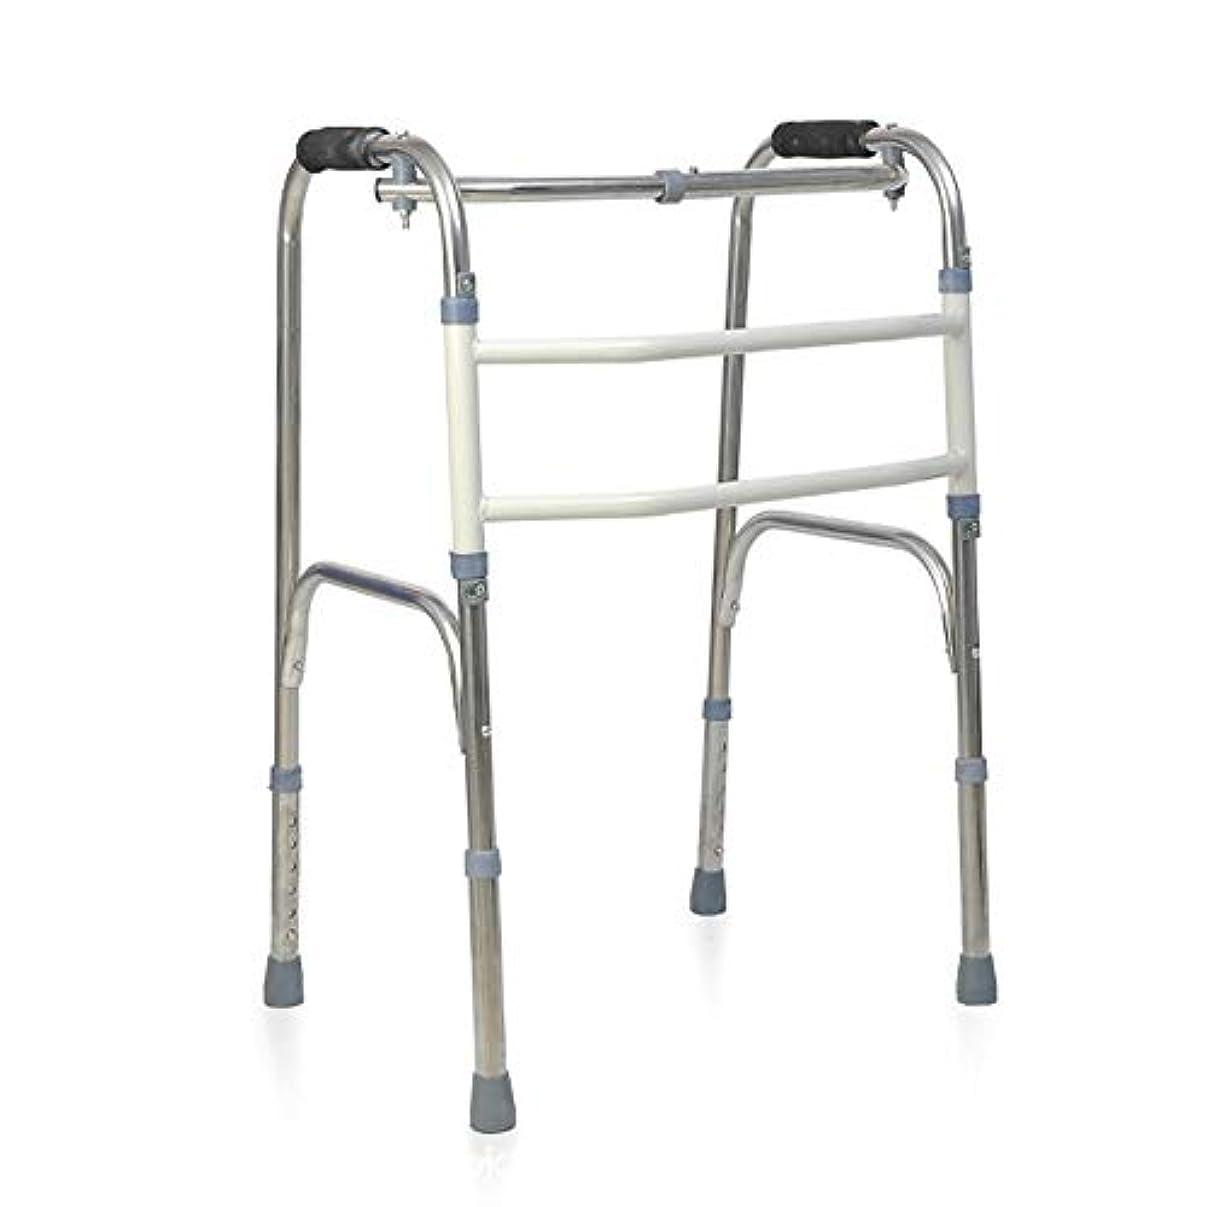 糞湿気の多い追放する非車輪付き折りたたみ歩行フレーム、多機能高齢者歩行ブラケット無効双腕歩行器